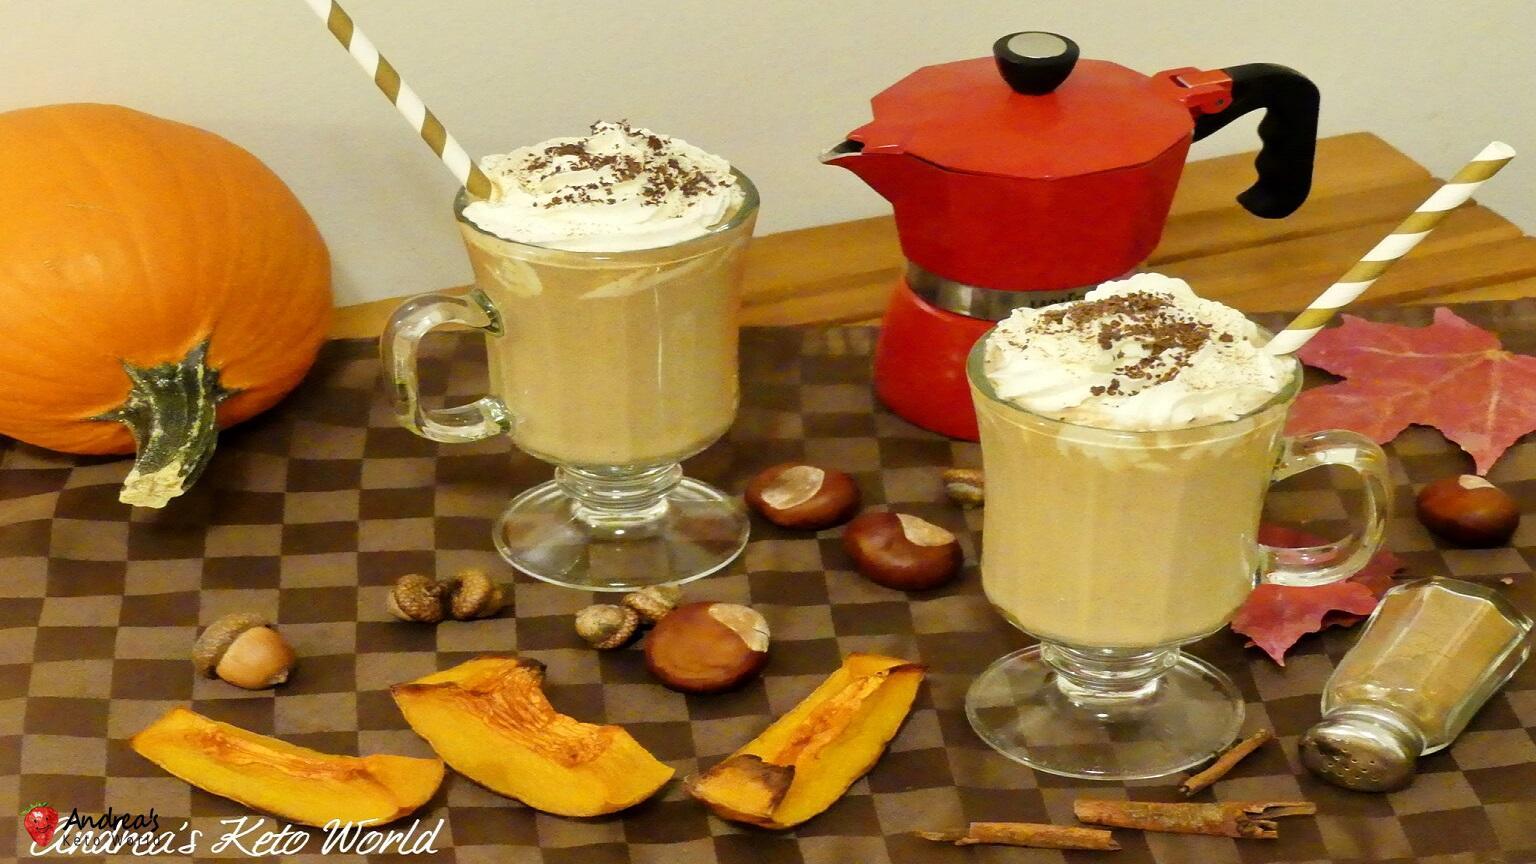 The Best Homemade Keto Pumpkin Latte